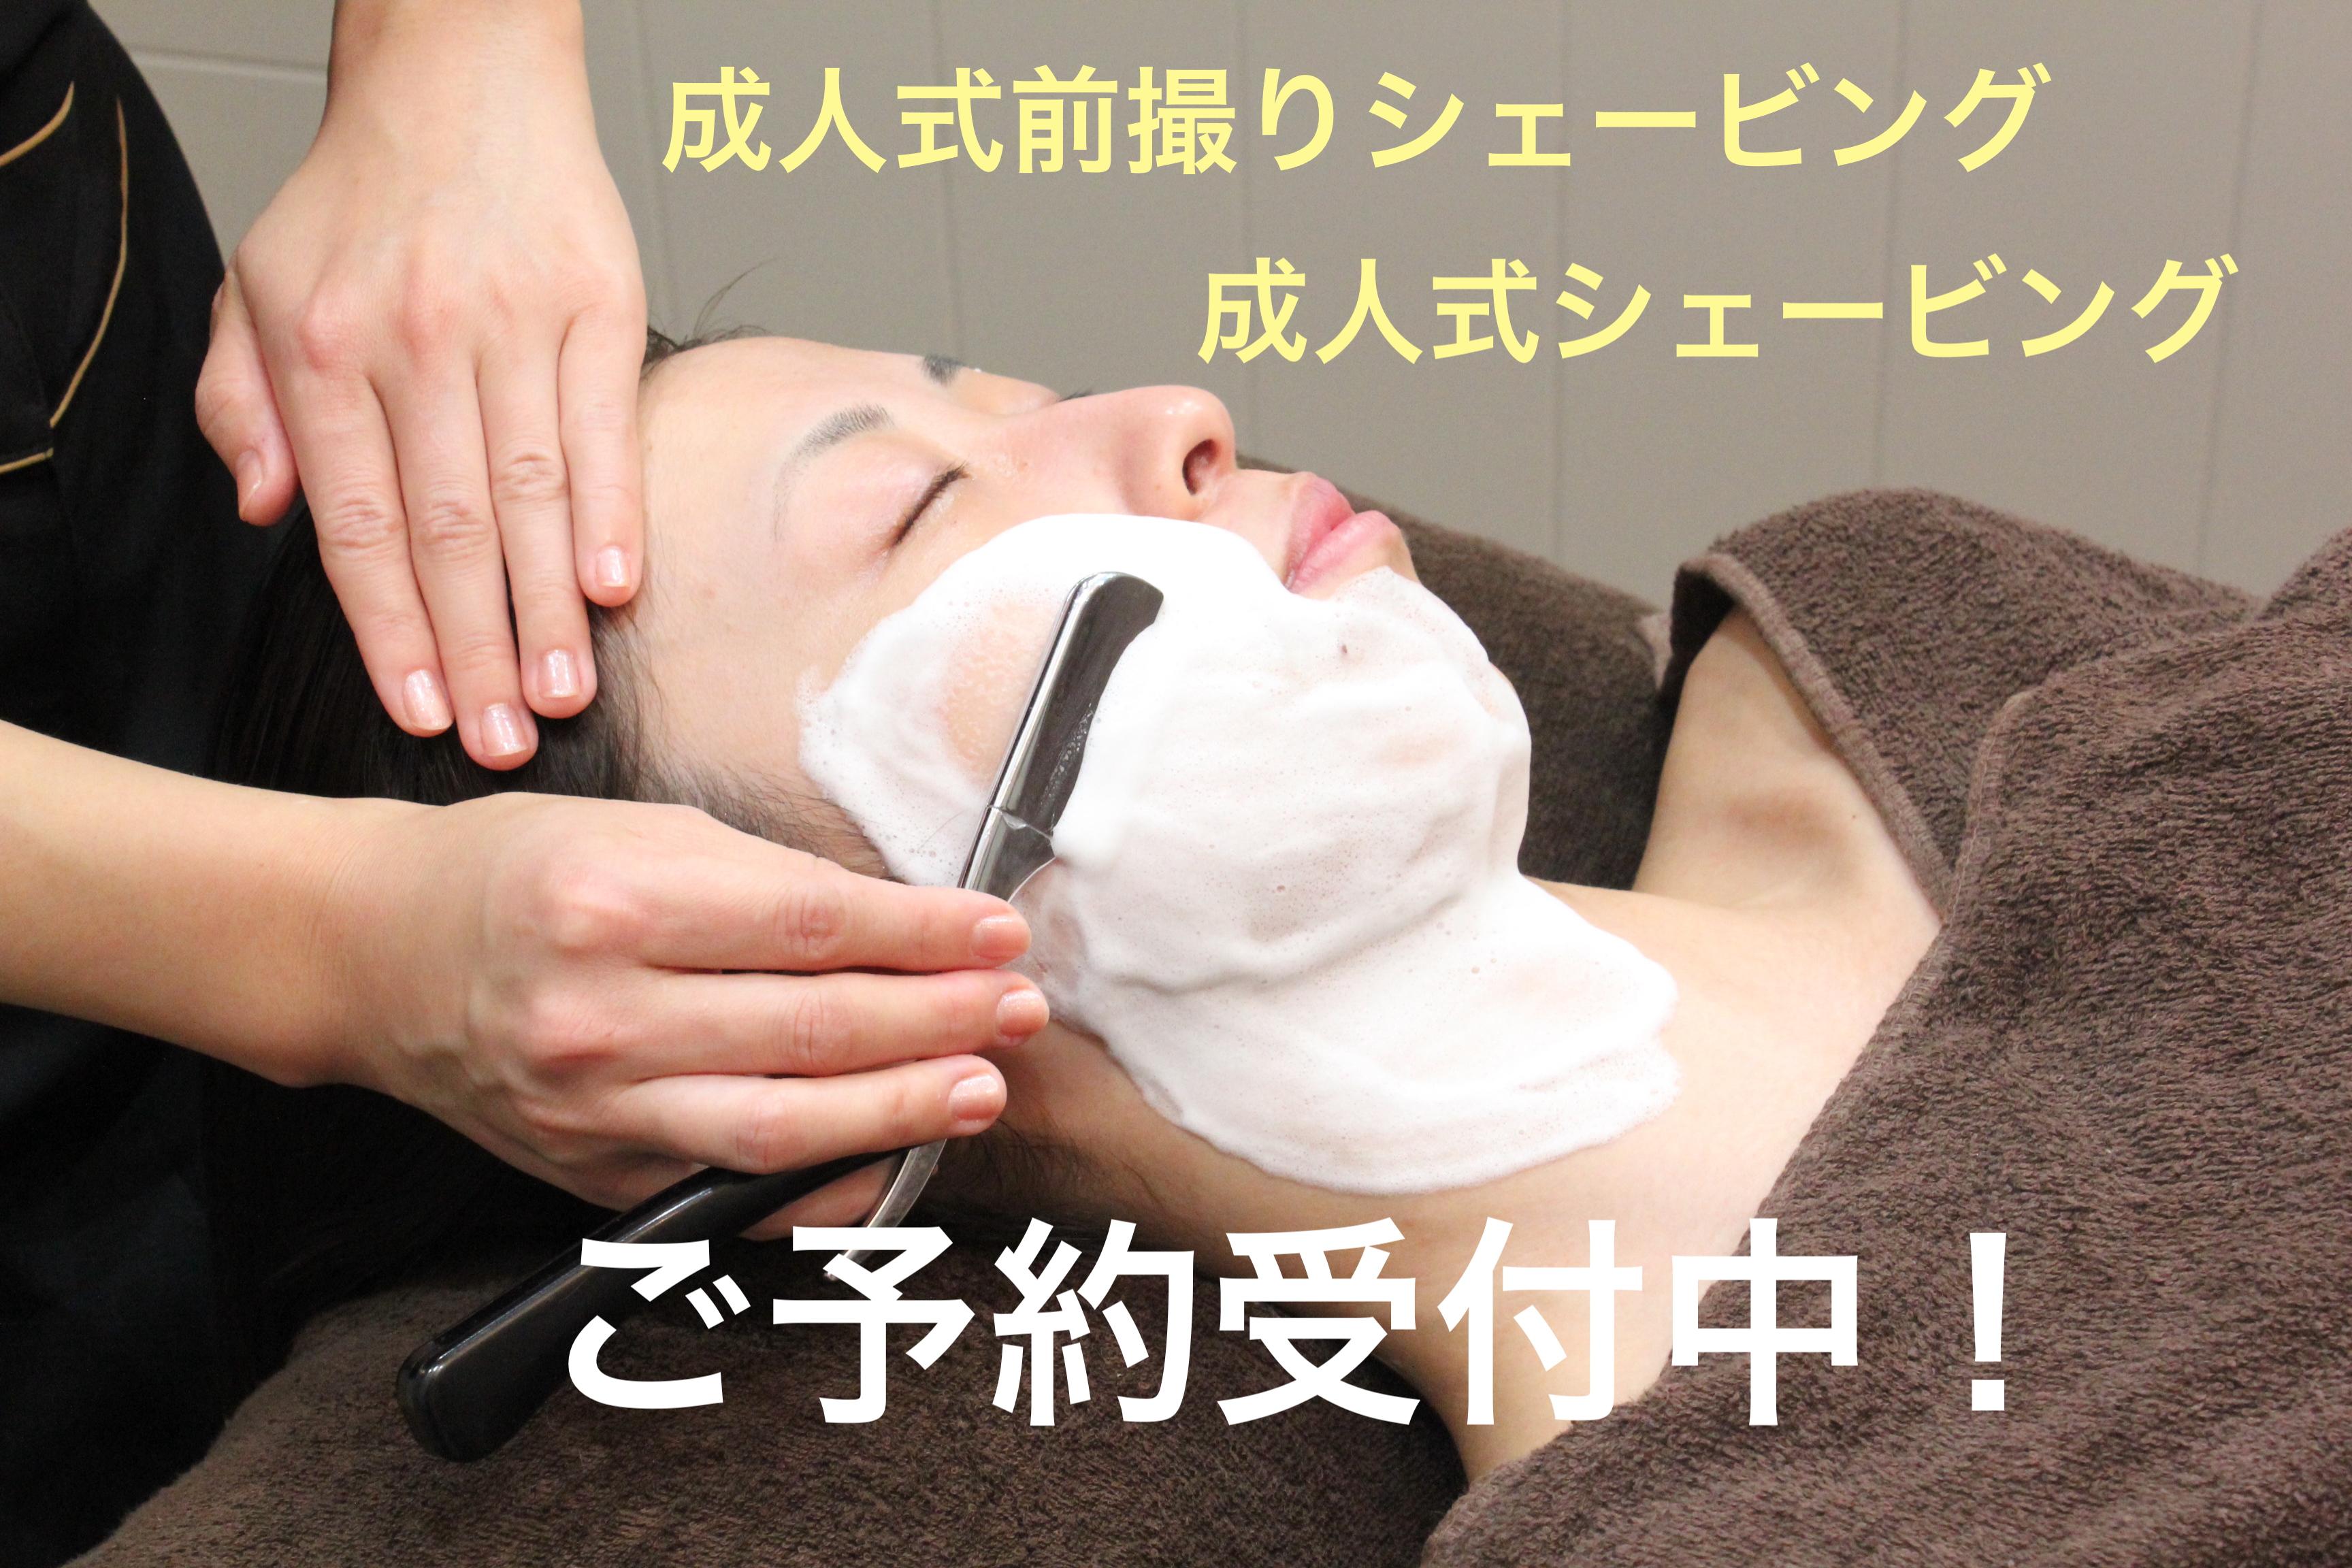 http://figaro-hair.com/blog/IMG_2512.JPG